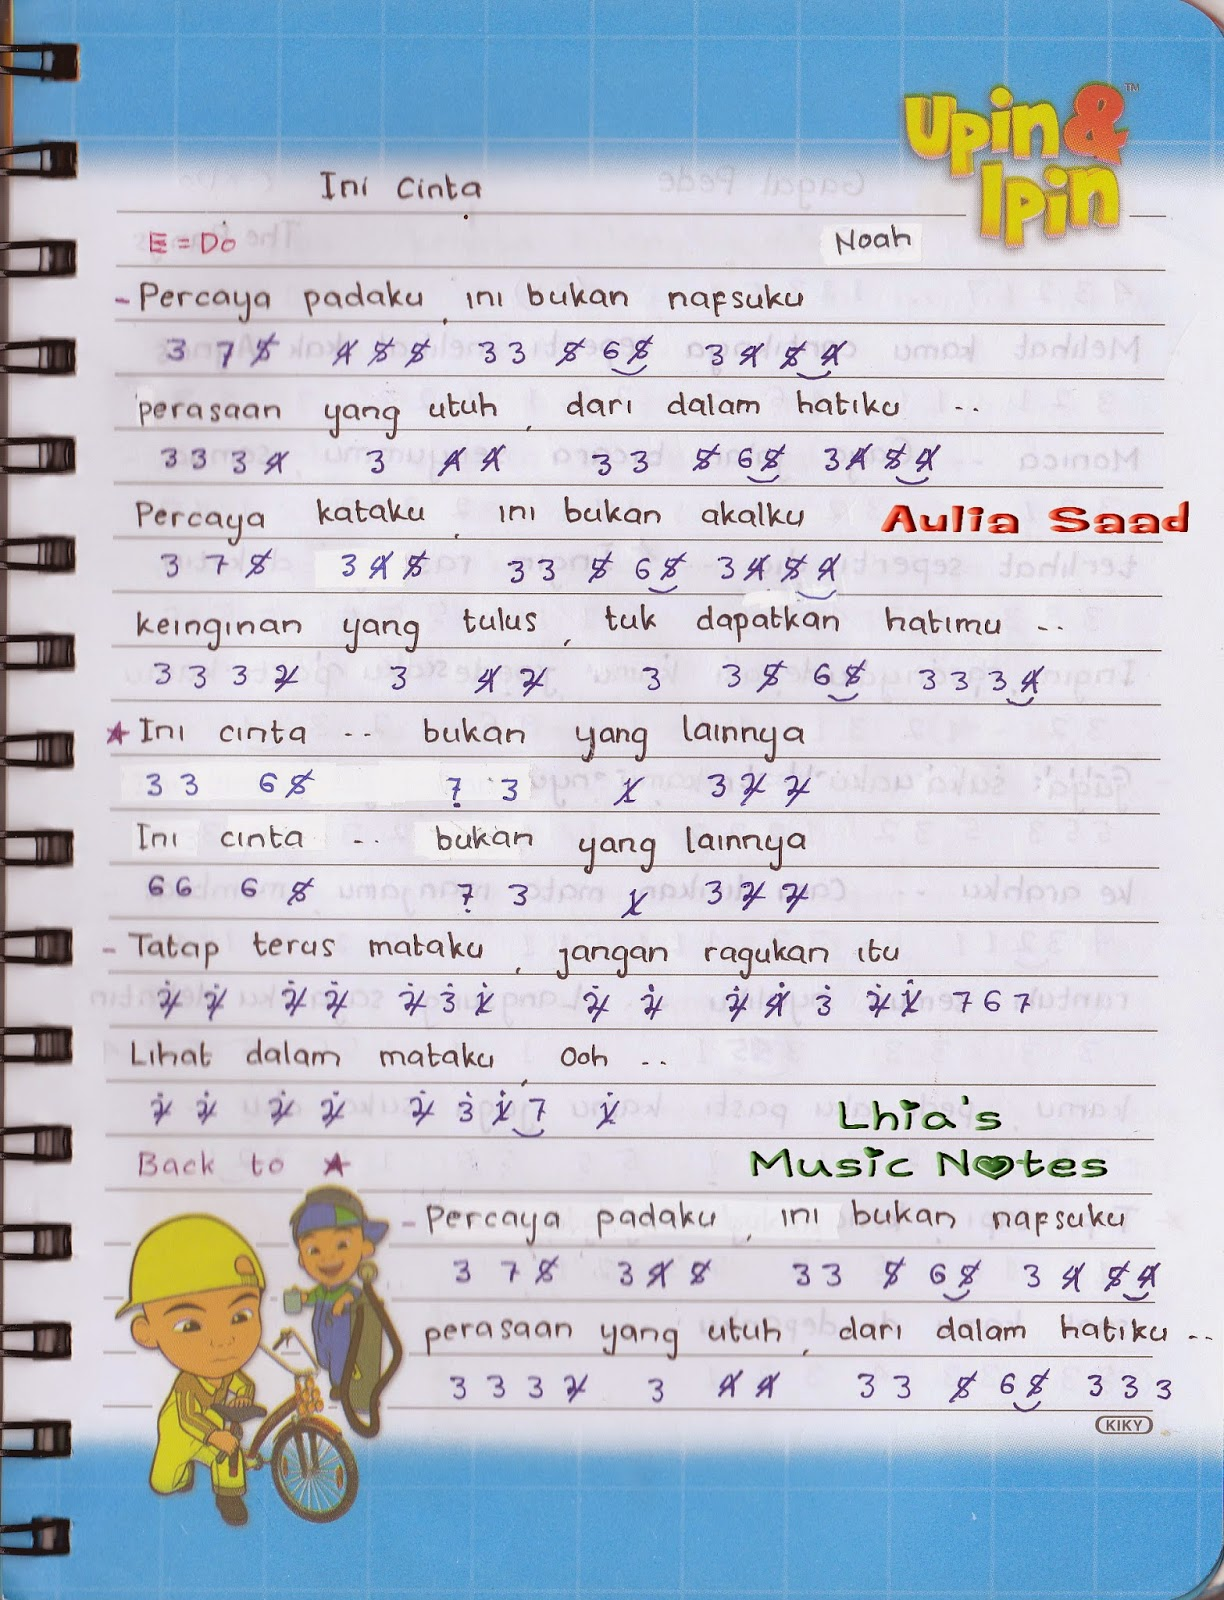 not angka lagu noah ini cinta | Lhia's Music Notes